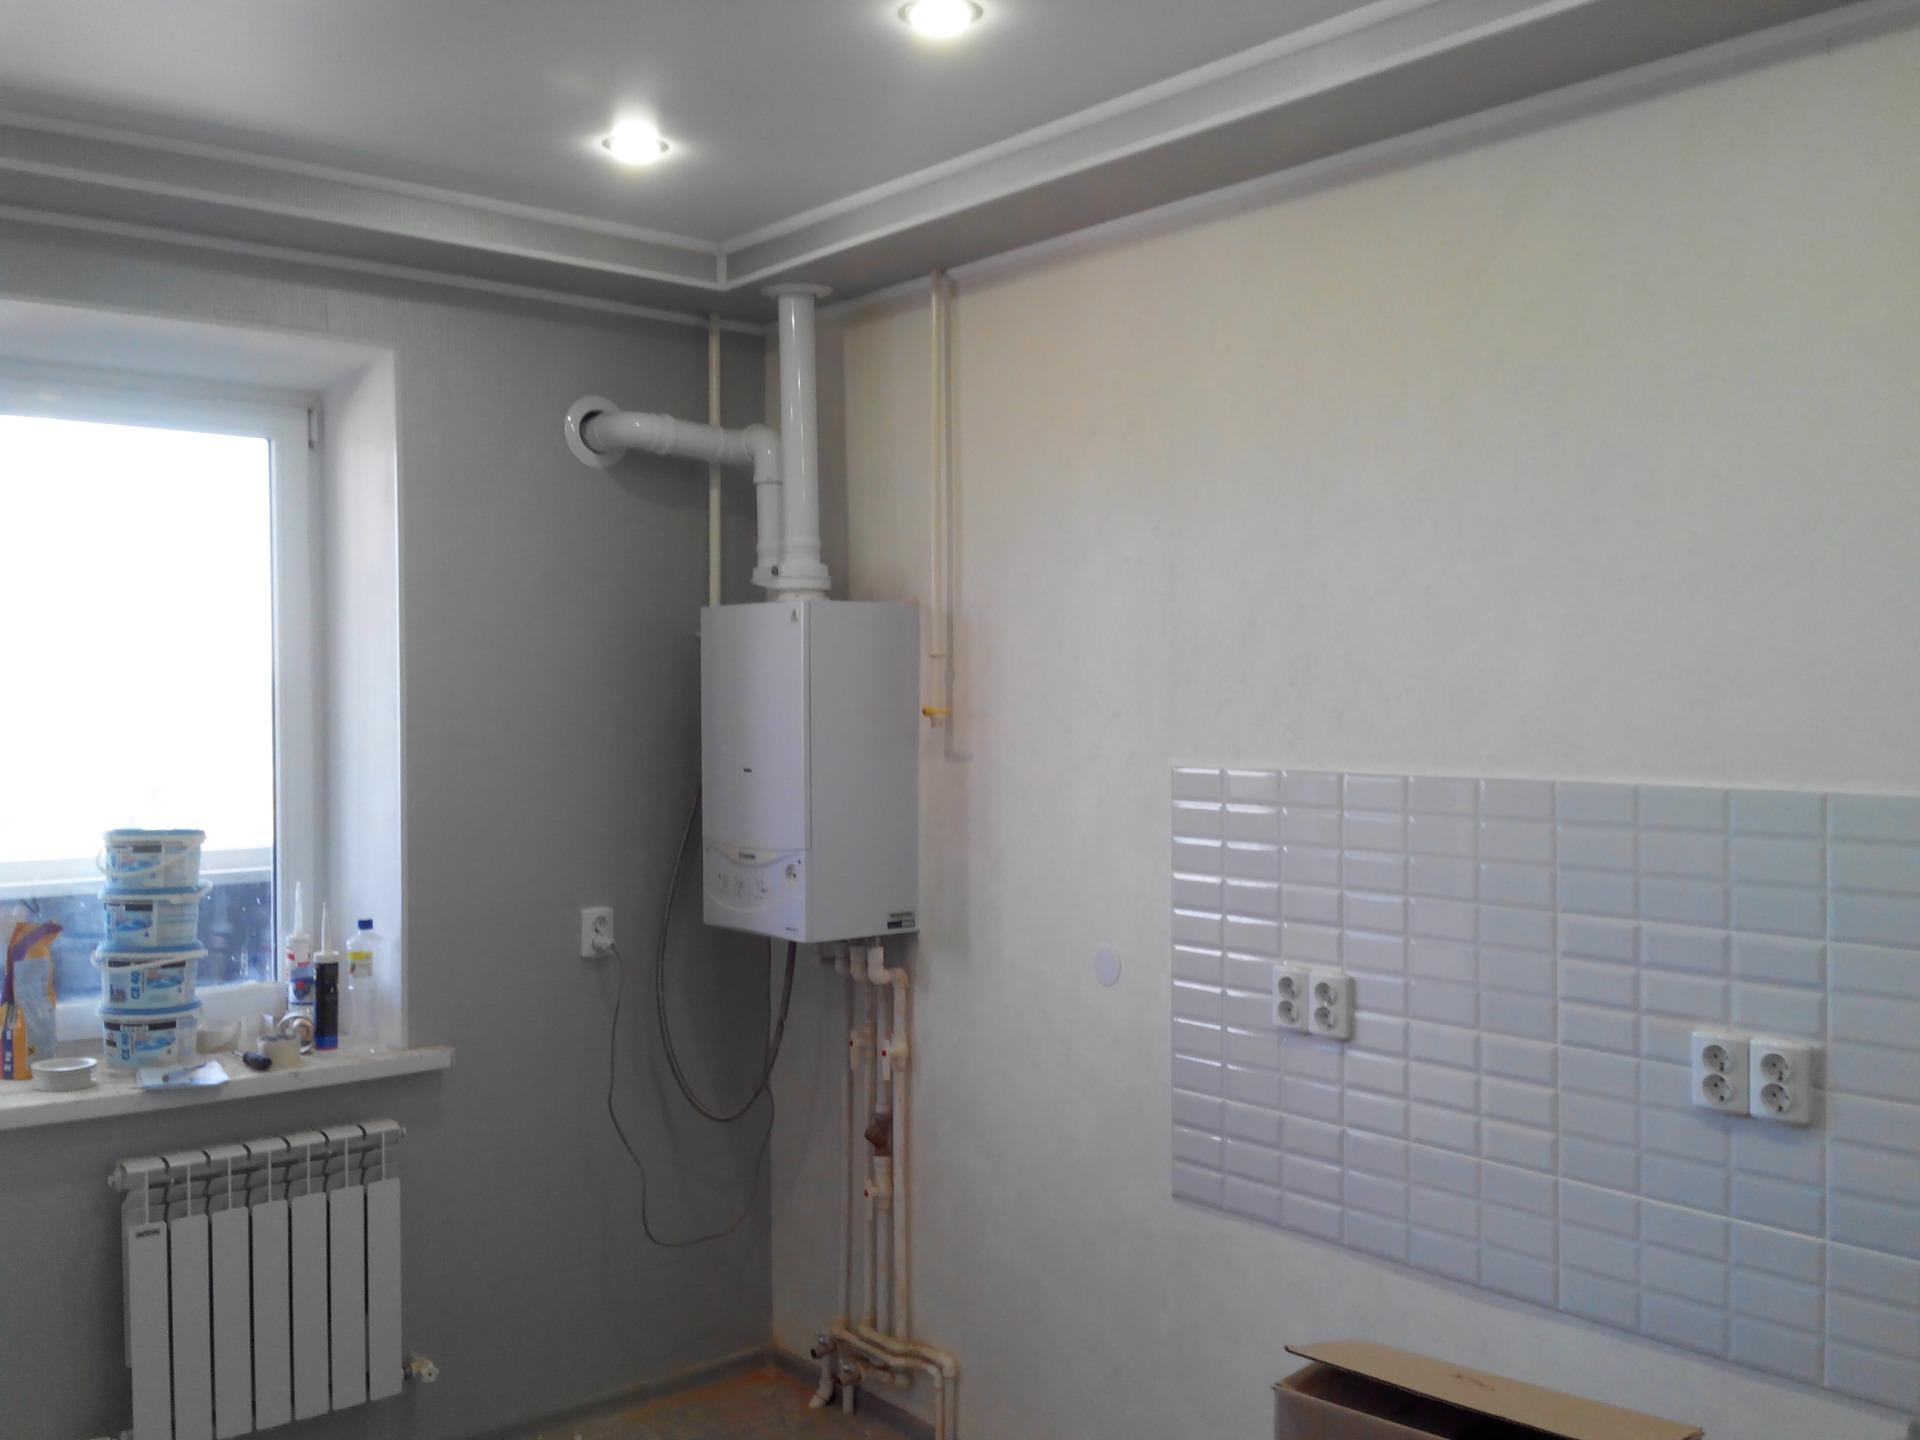 Ремонт частных домов в Гулькевичи недорого